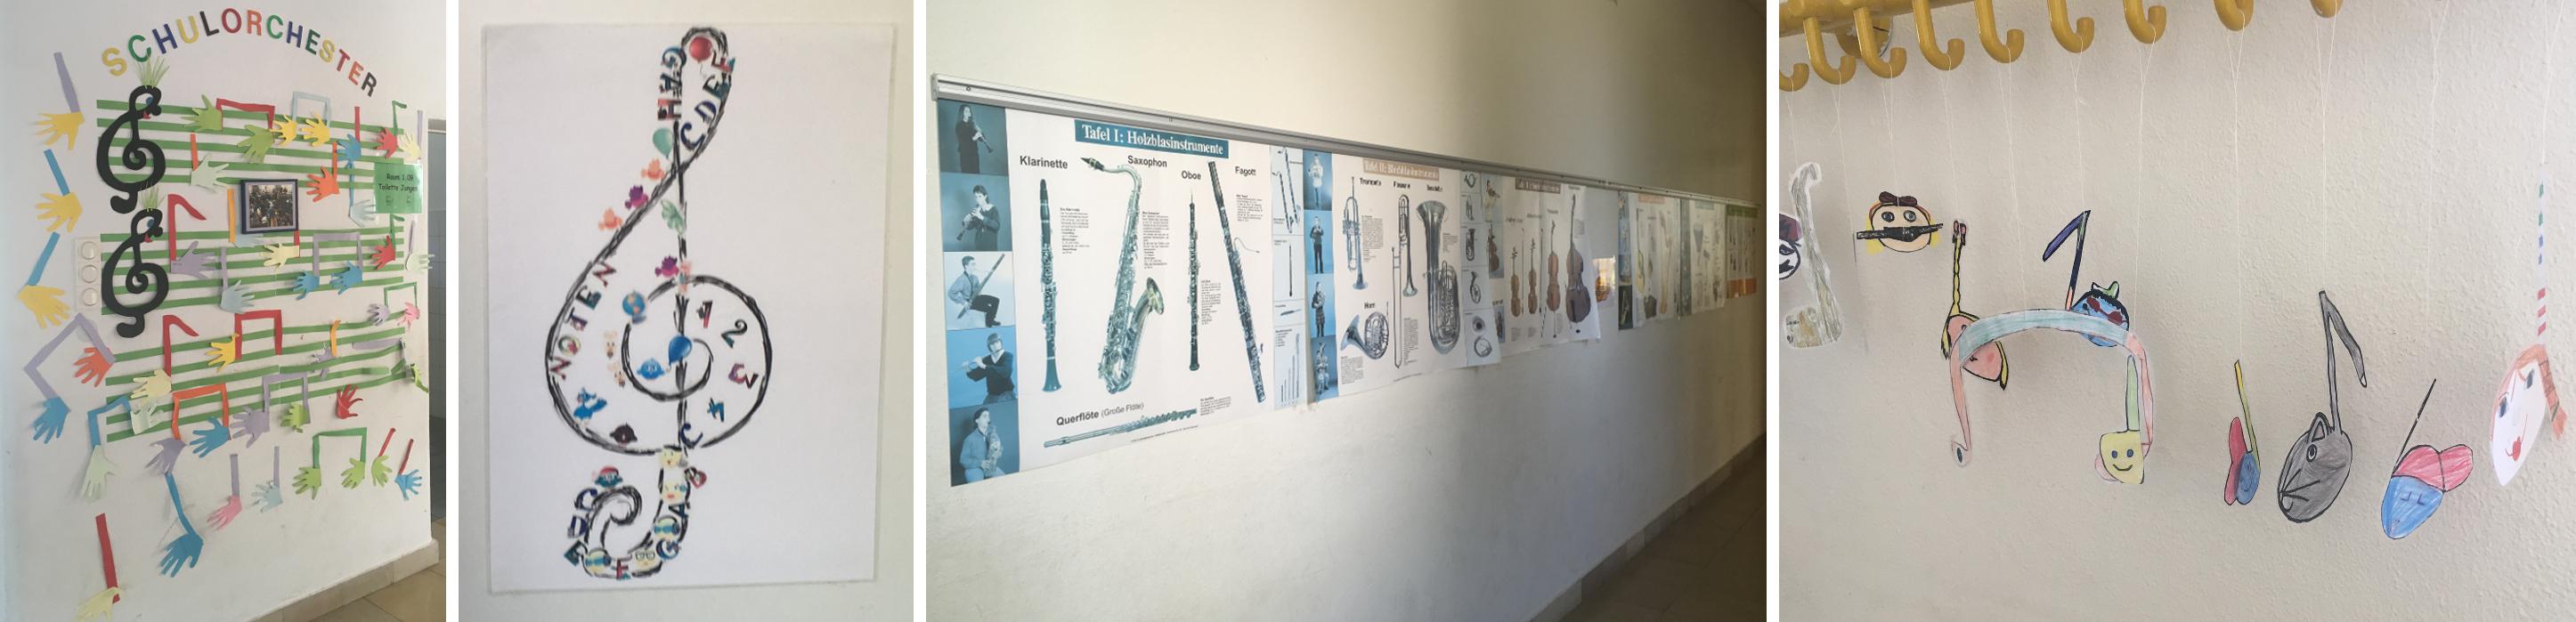 Ungewöhnlich Erster Schultag Bilderrahmen Fotos - Rahmen Ideen ...